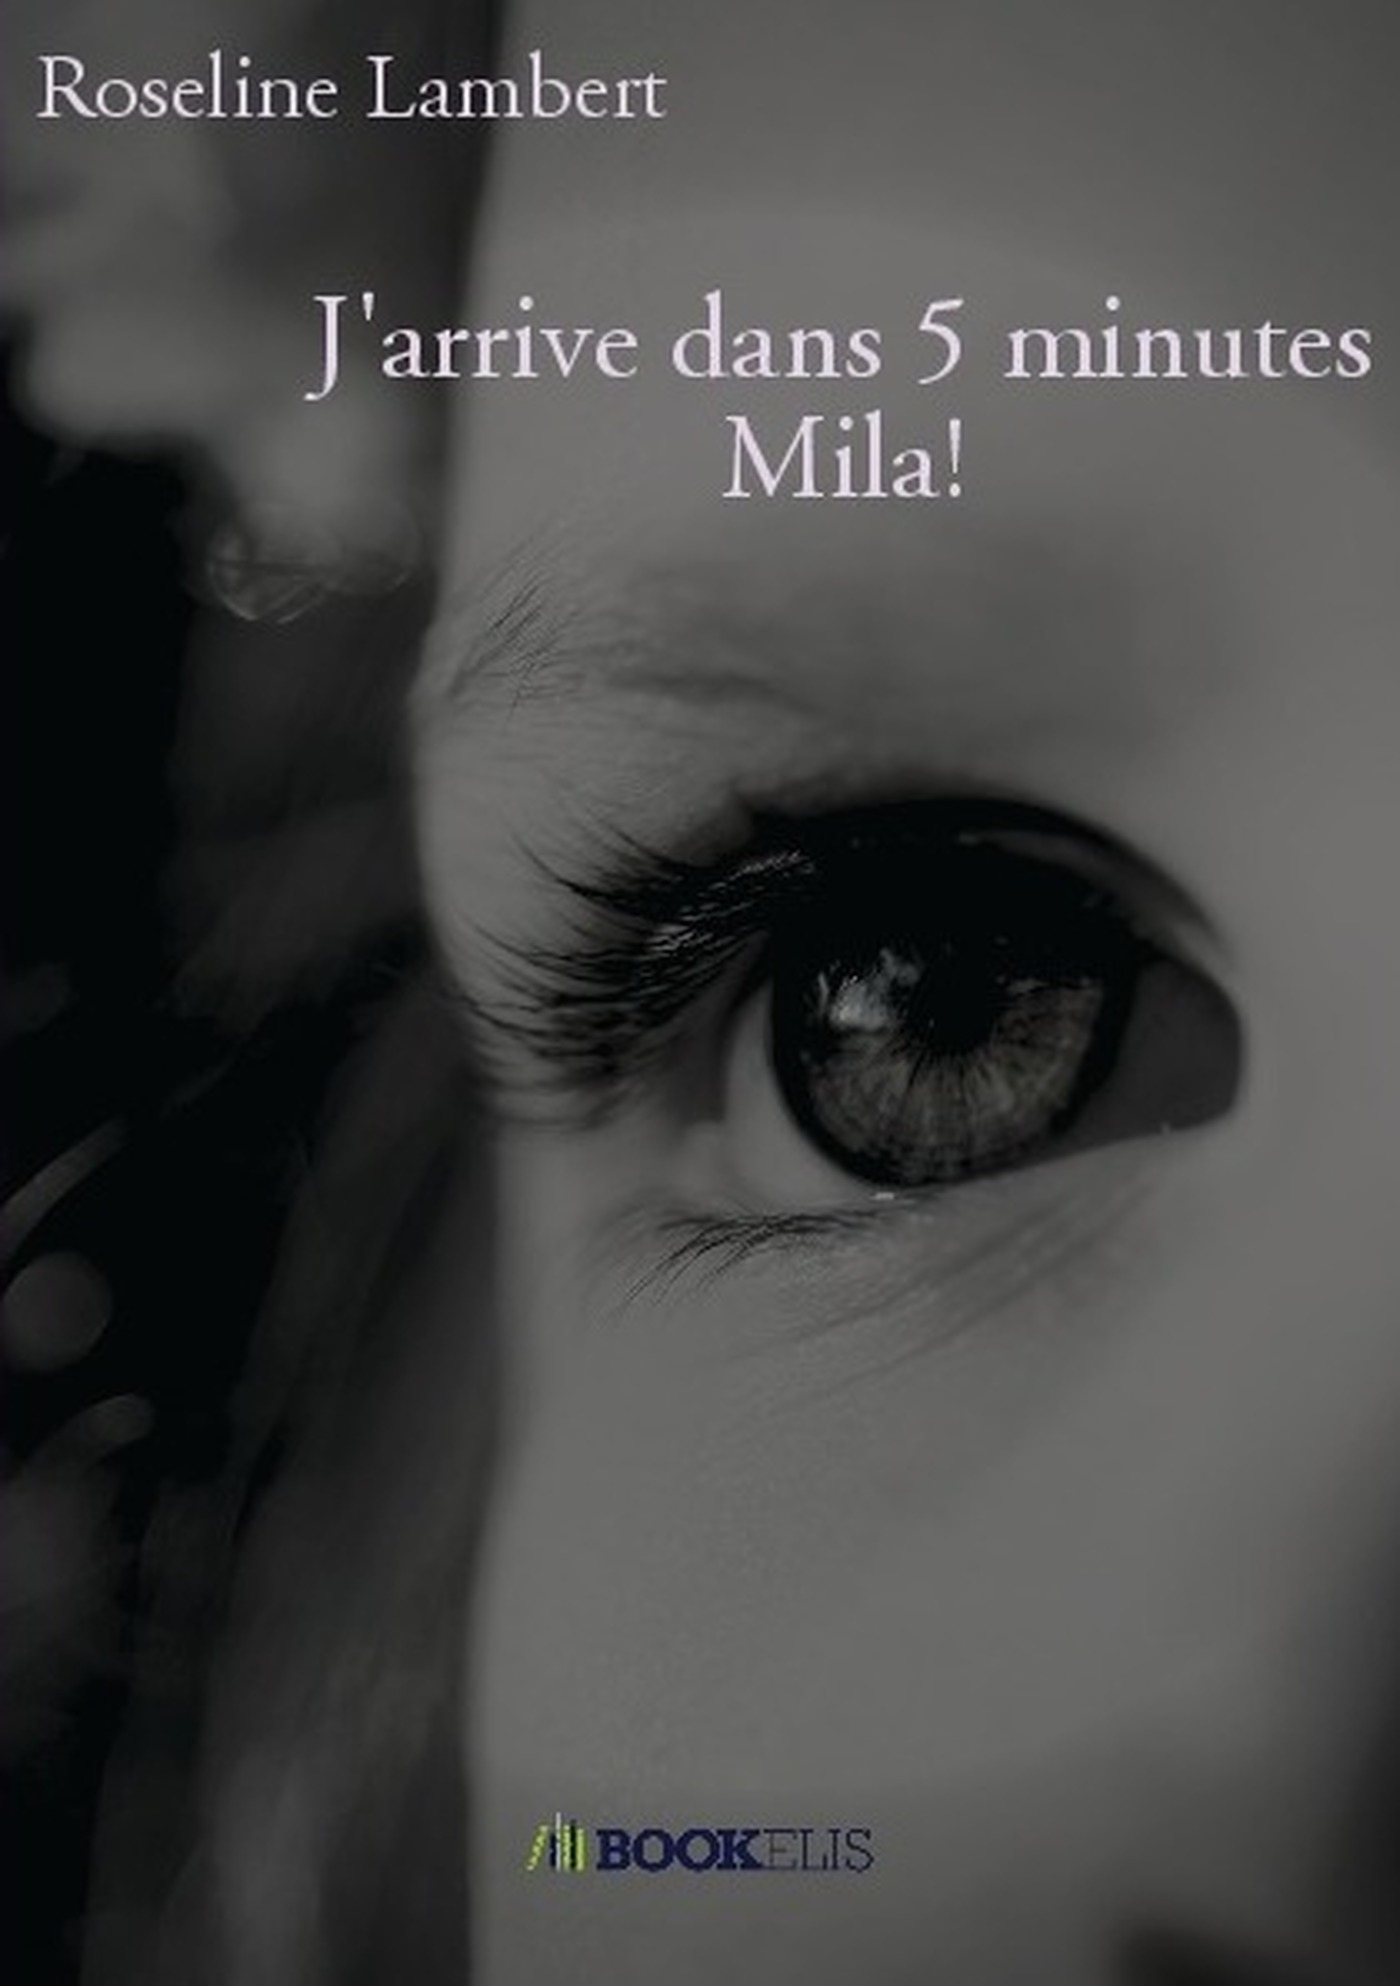 J'ARRIVE DANS 5 MINUTES MILA!